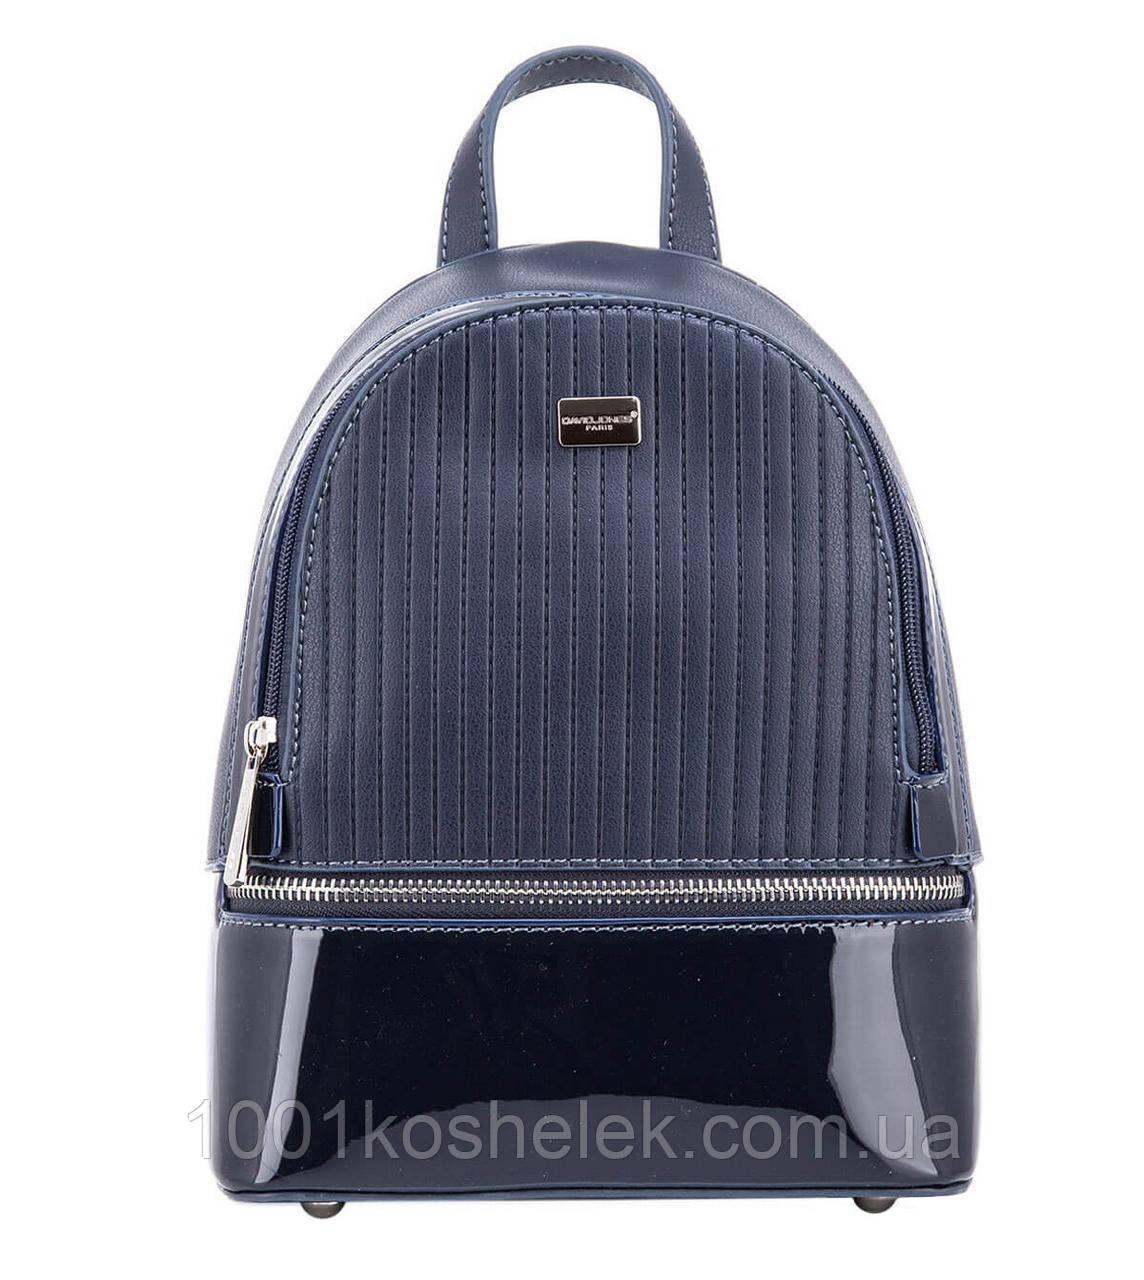 Рюкзак David Jones 5827-1 (Синий)